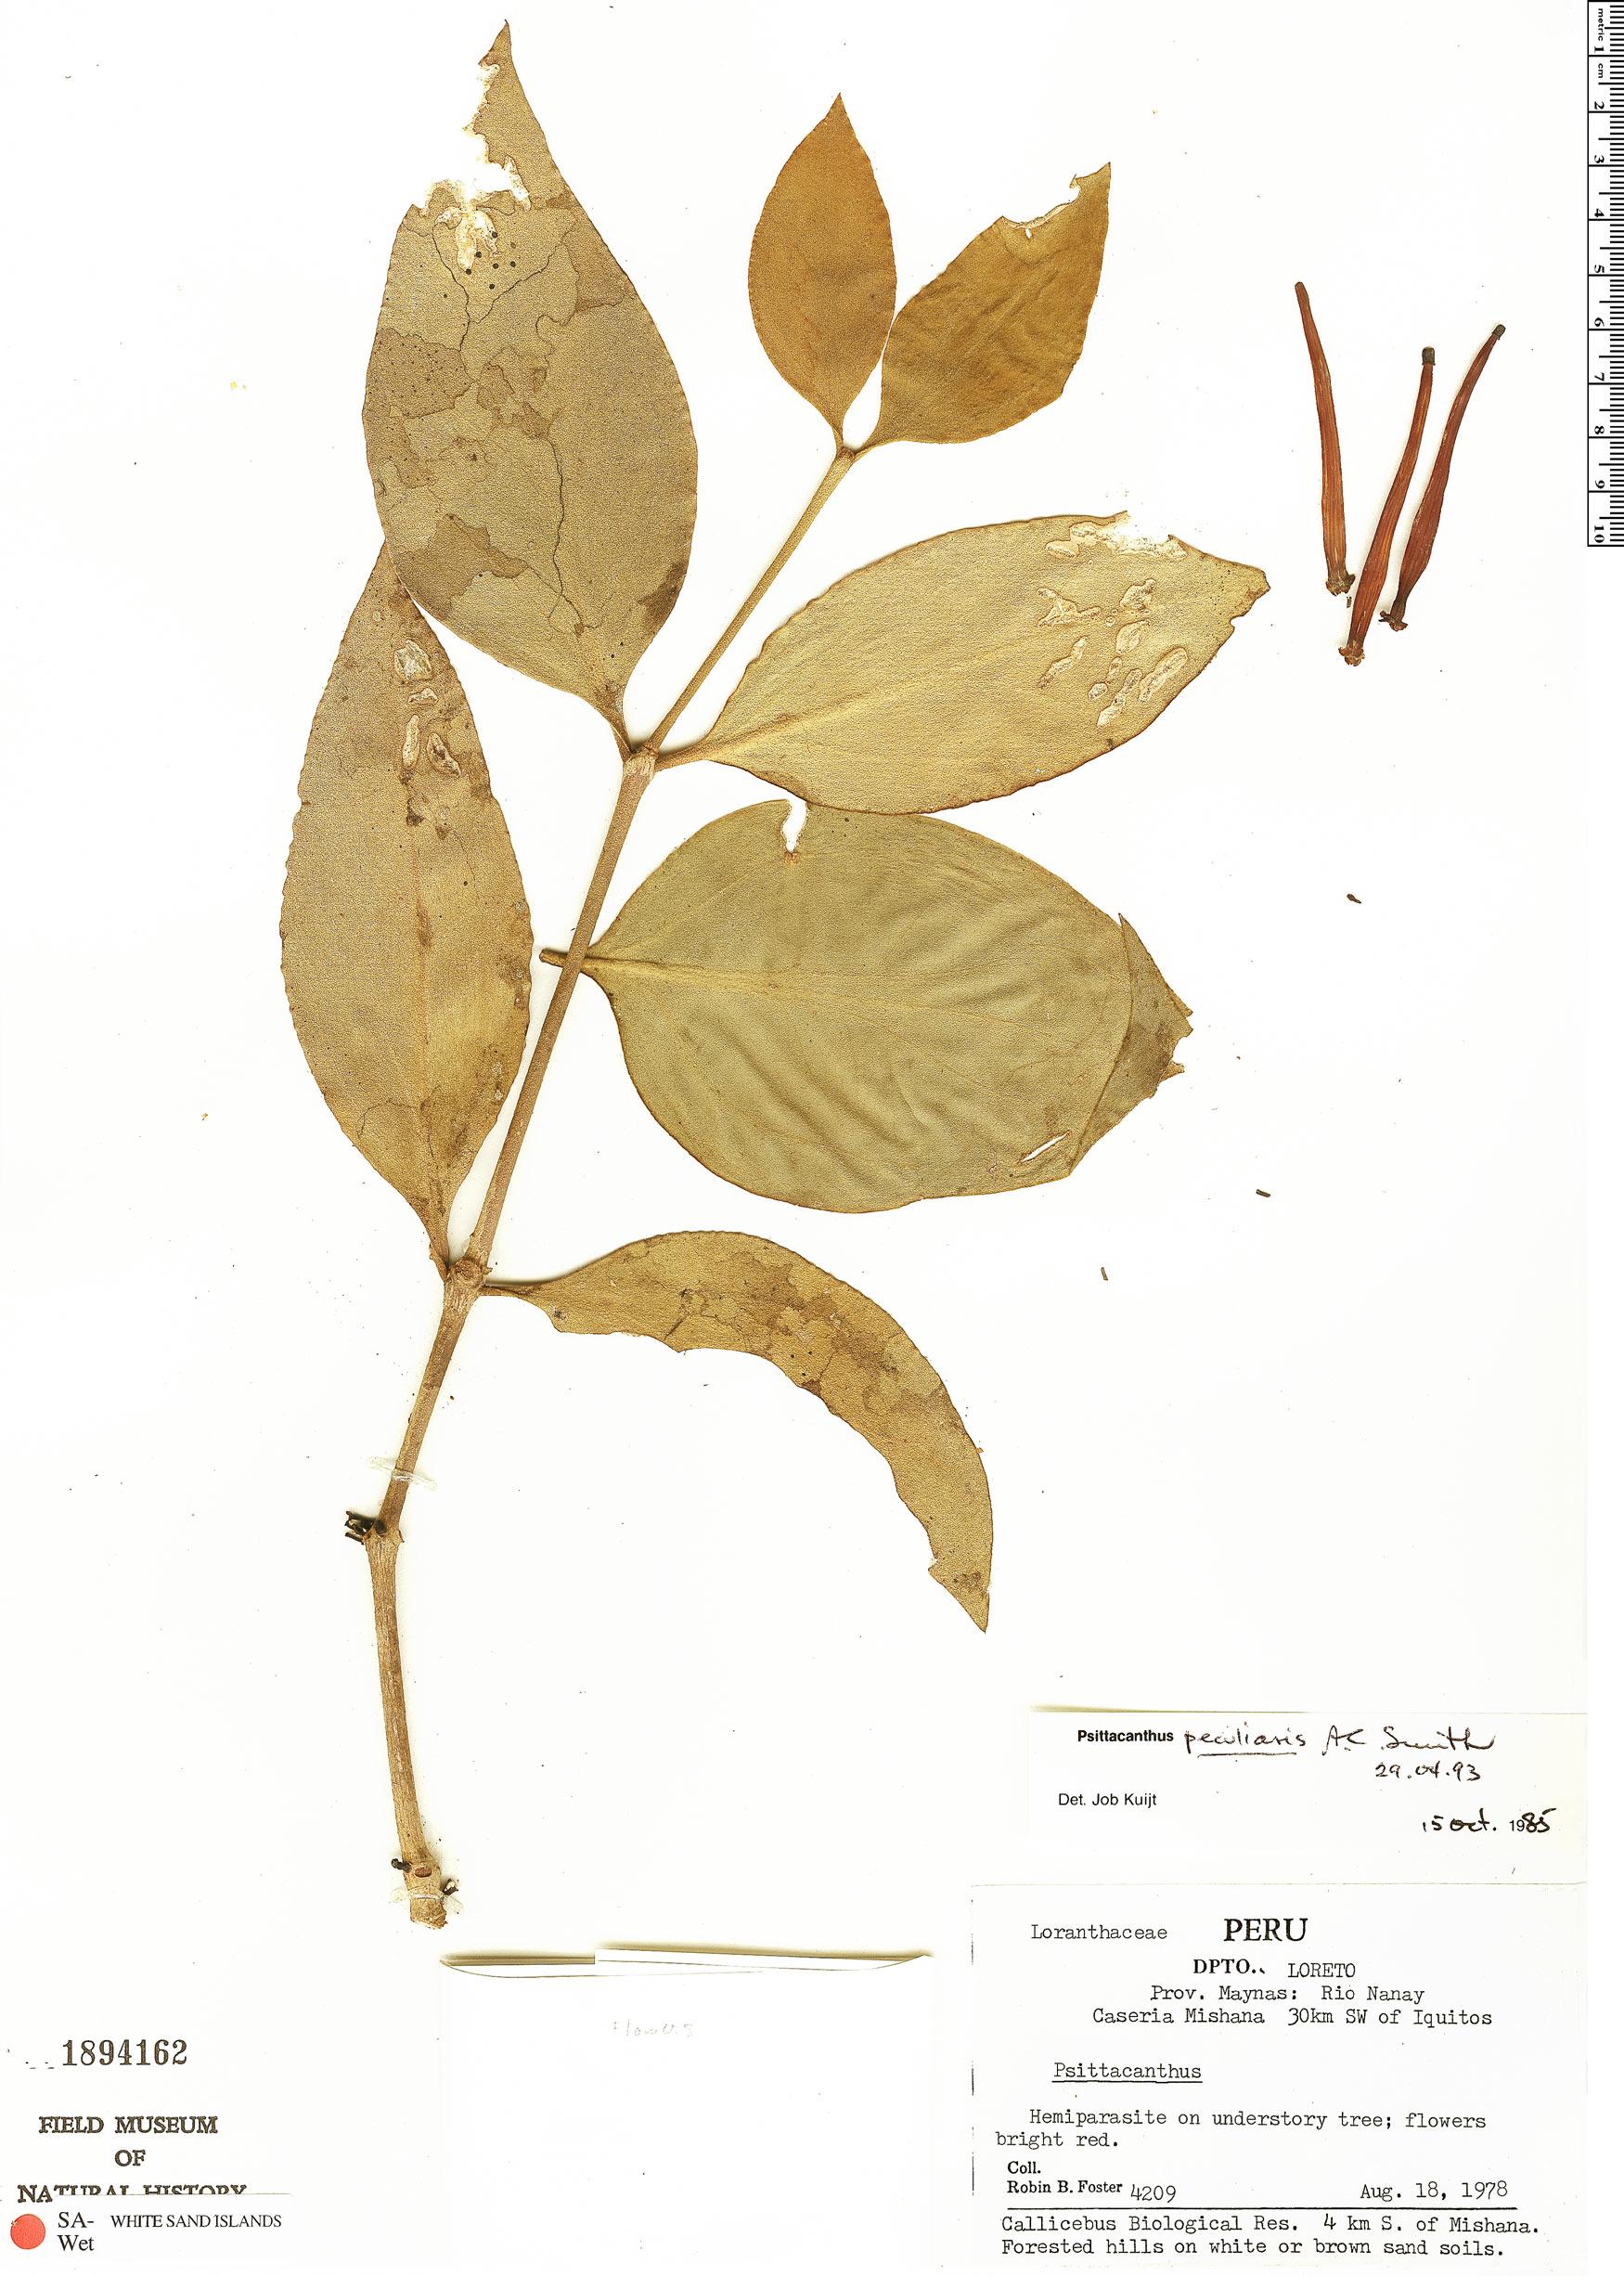 Specimen: Psittacanthus peculiaris